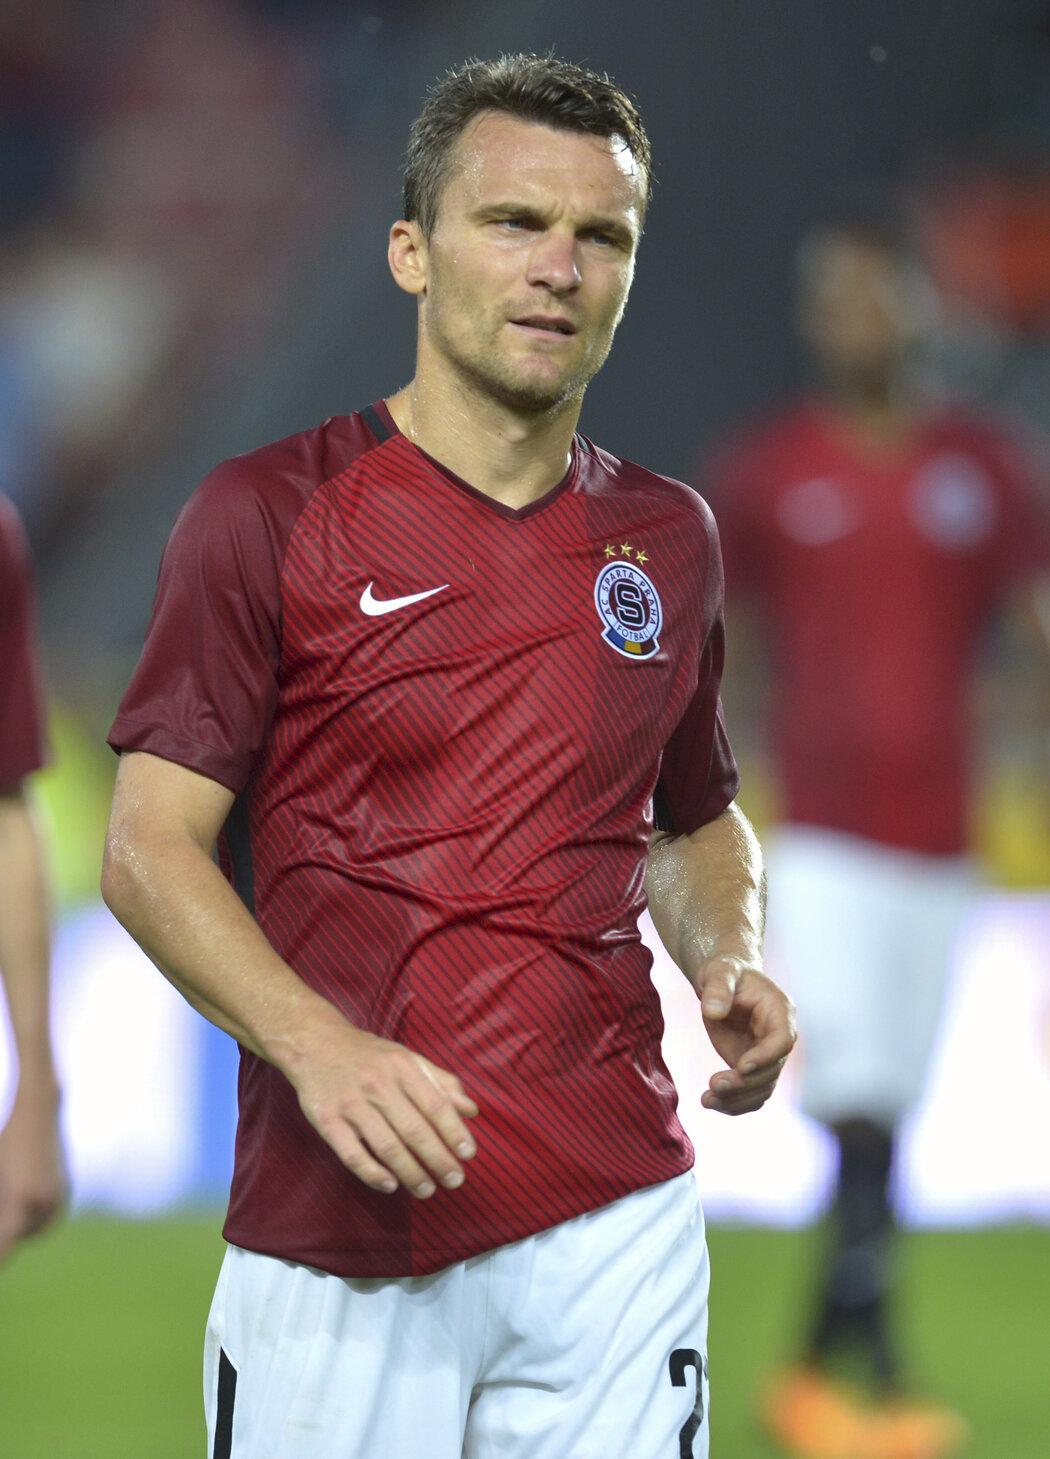 Sezonu 2016-2017 odehrála Sparta s dresy bez generálního sponzora na hrudi